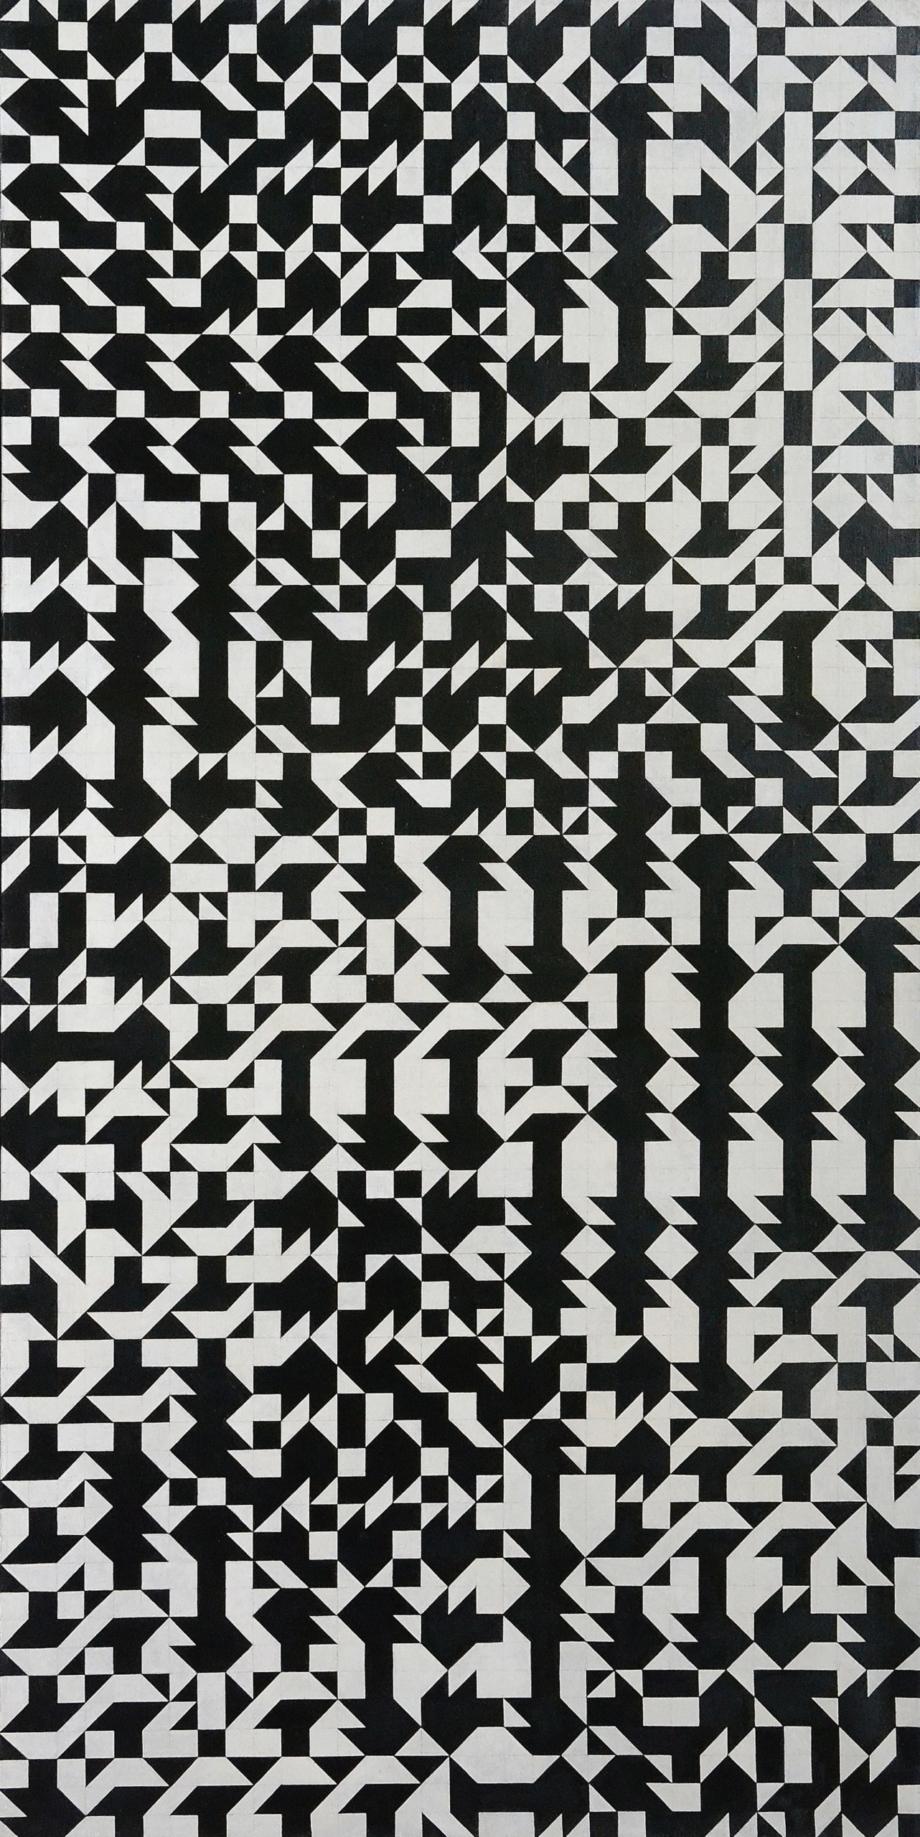 Zdeněk Sýkora, Black and White Structure, 1966–1967, oil on canvas, 220×110 cm, Prague City Gallery, acquisition 1968. Restoration Tomáš Lahoda, 2016